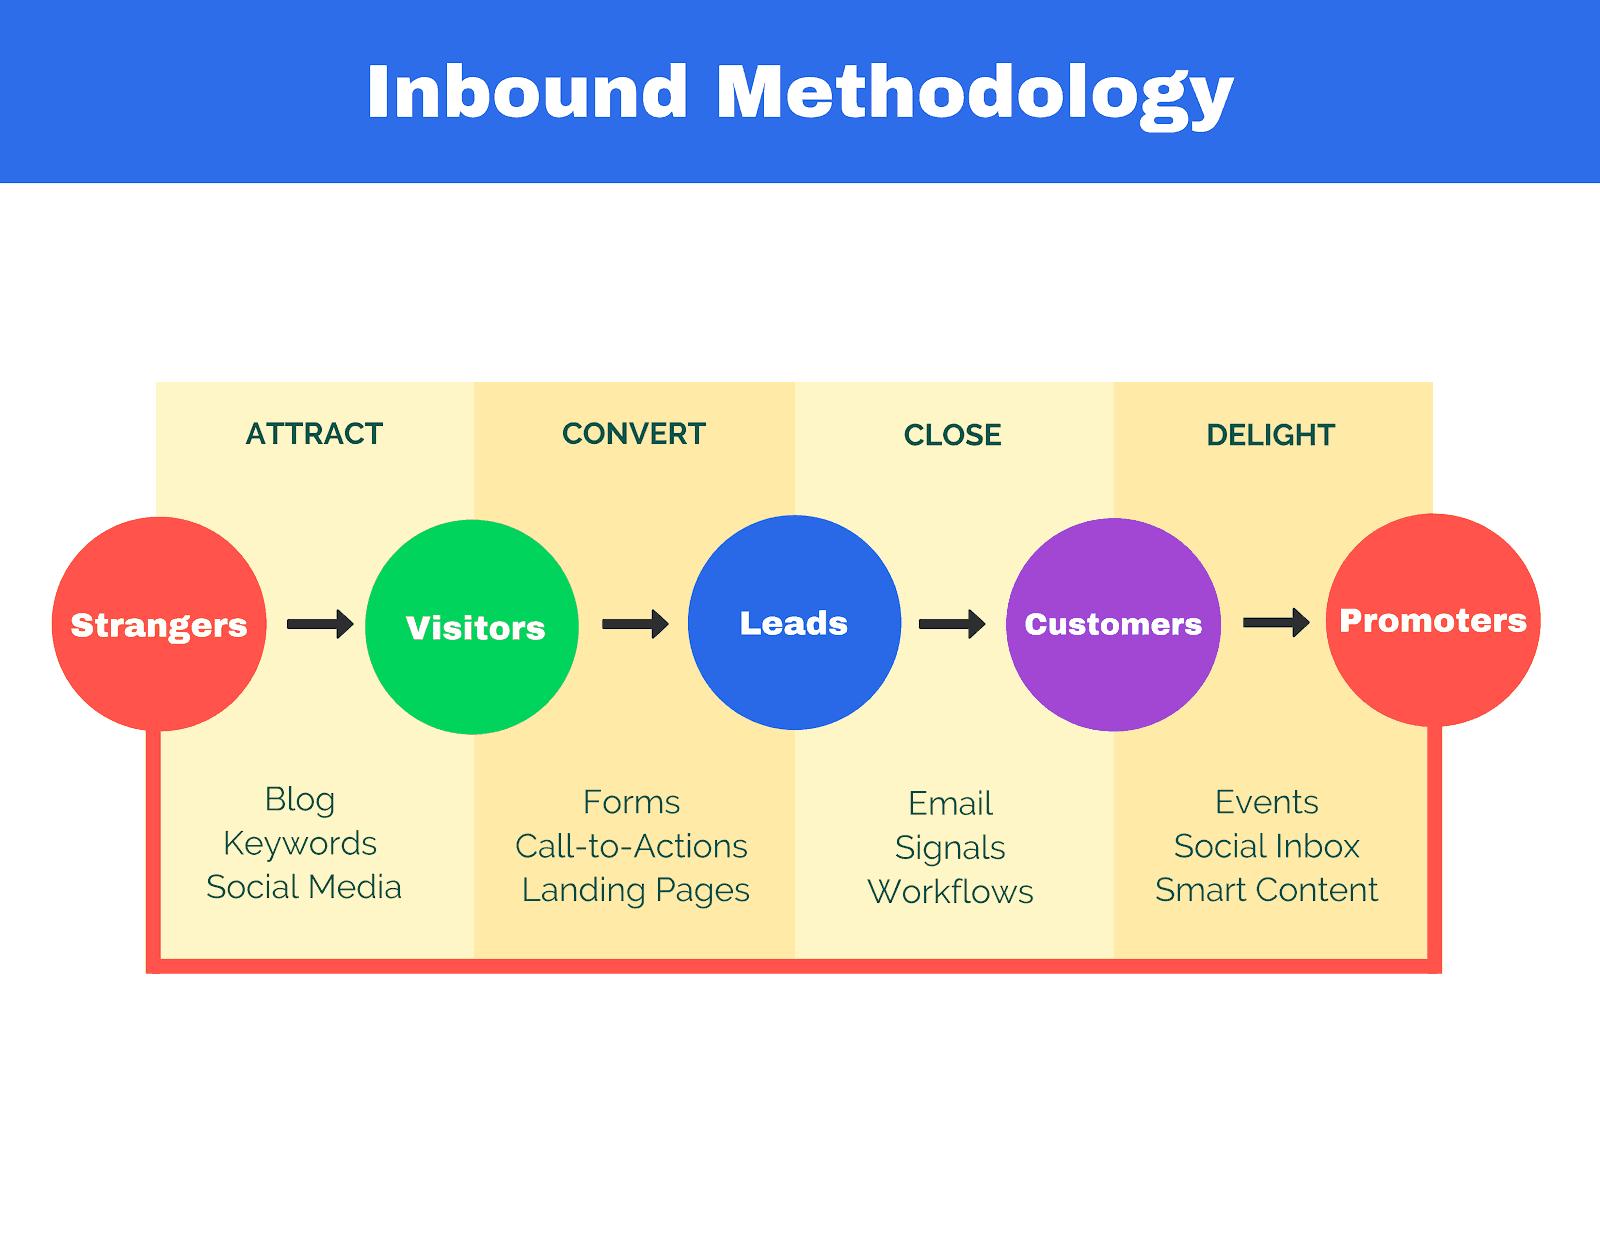 estrategia-leads-inbound